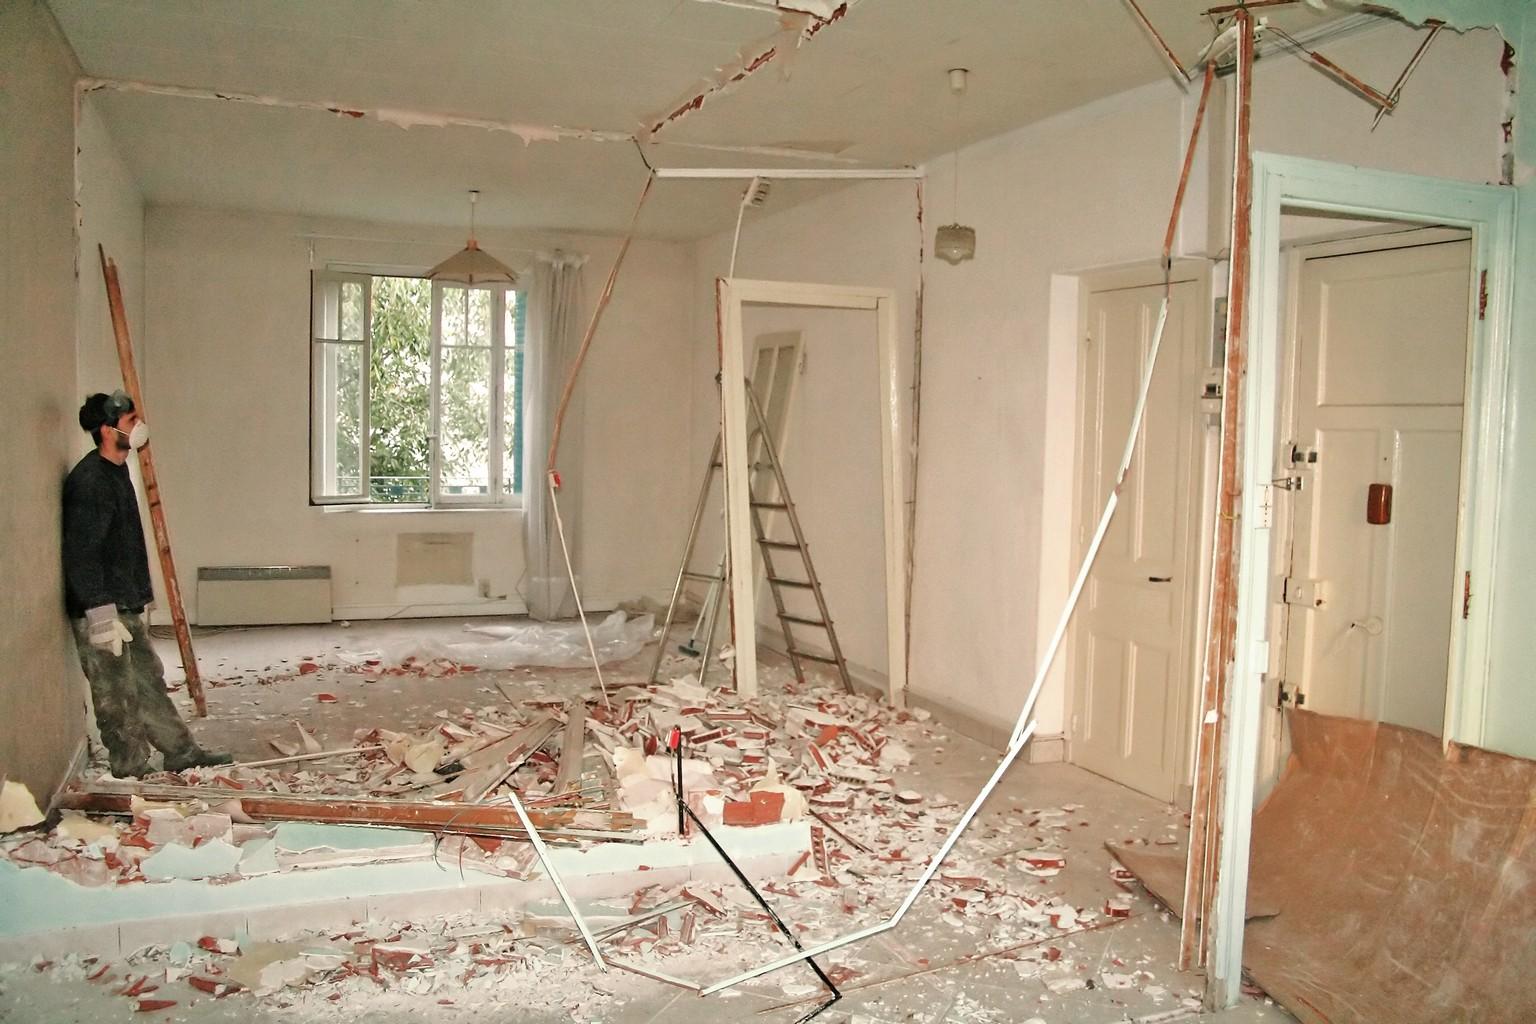 как я делал ремонт частного дома фото